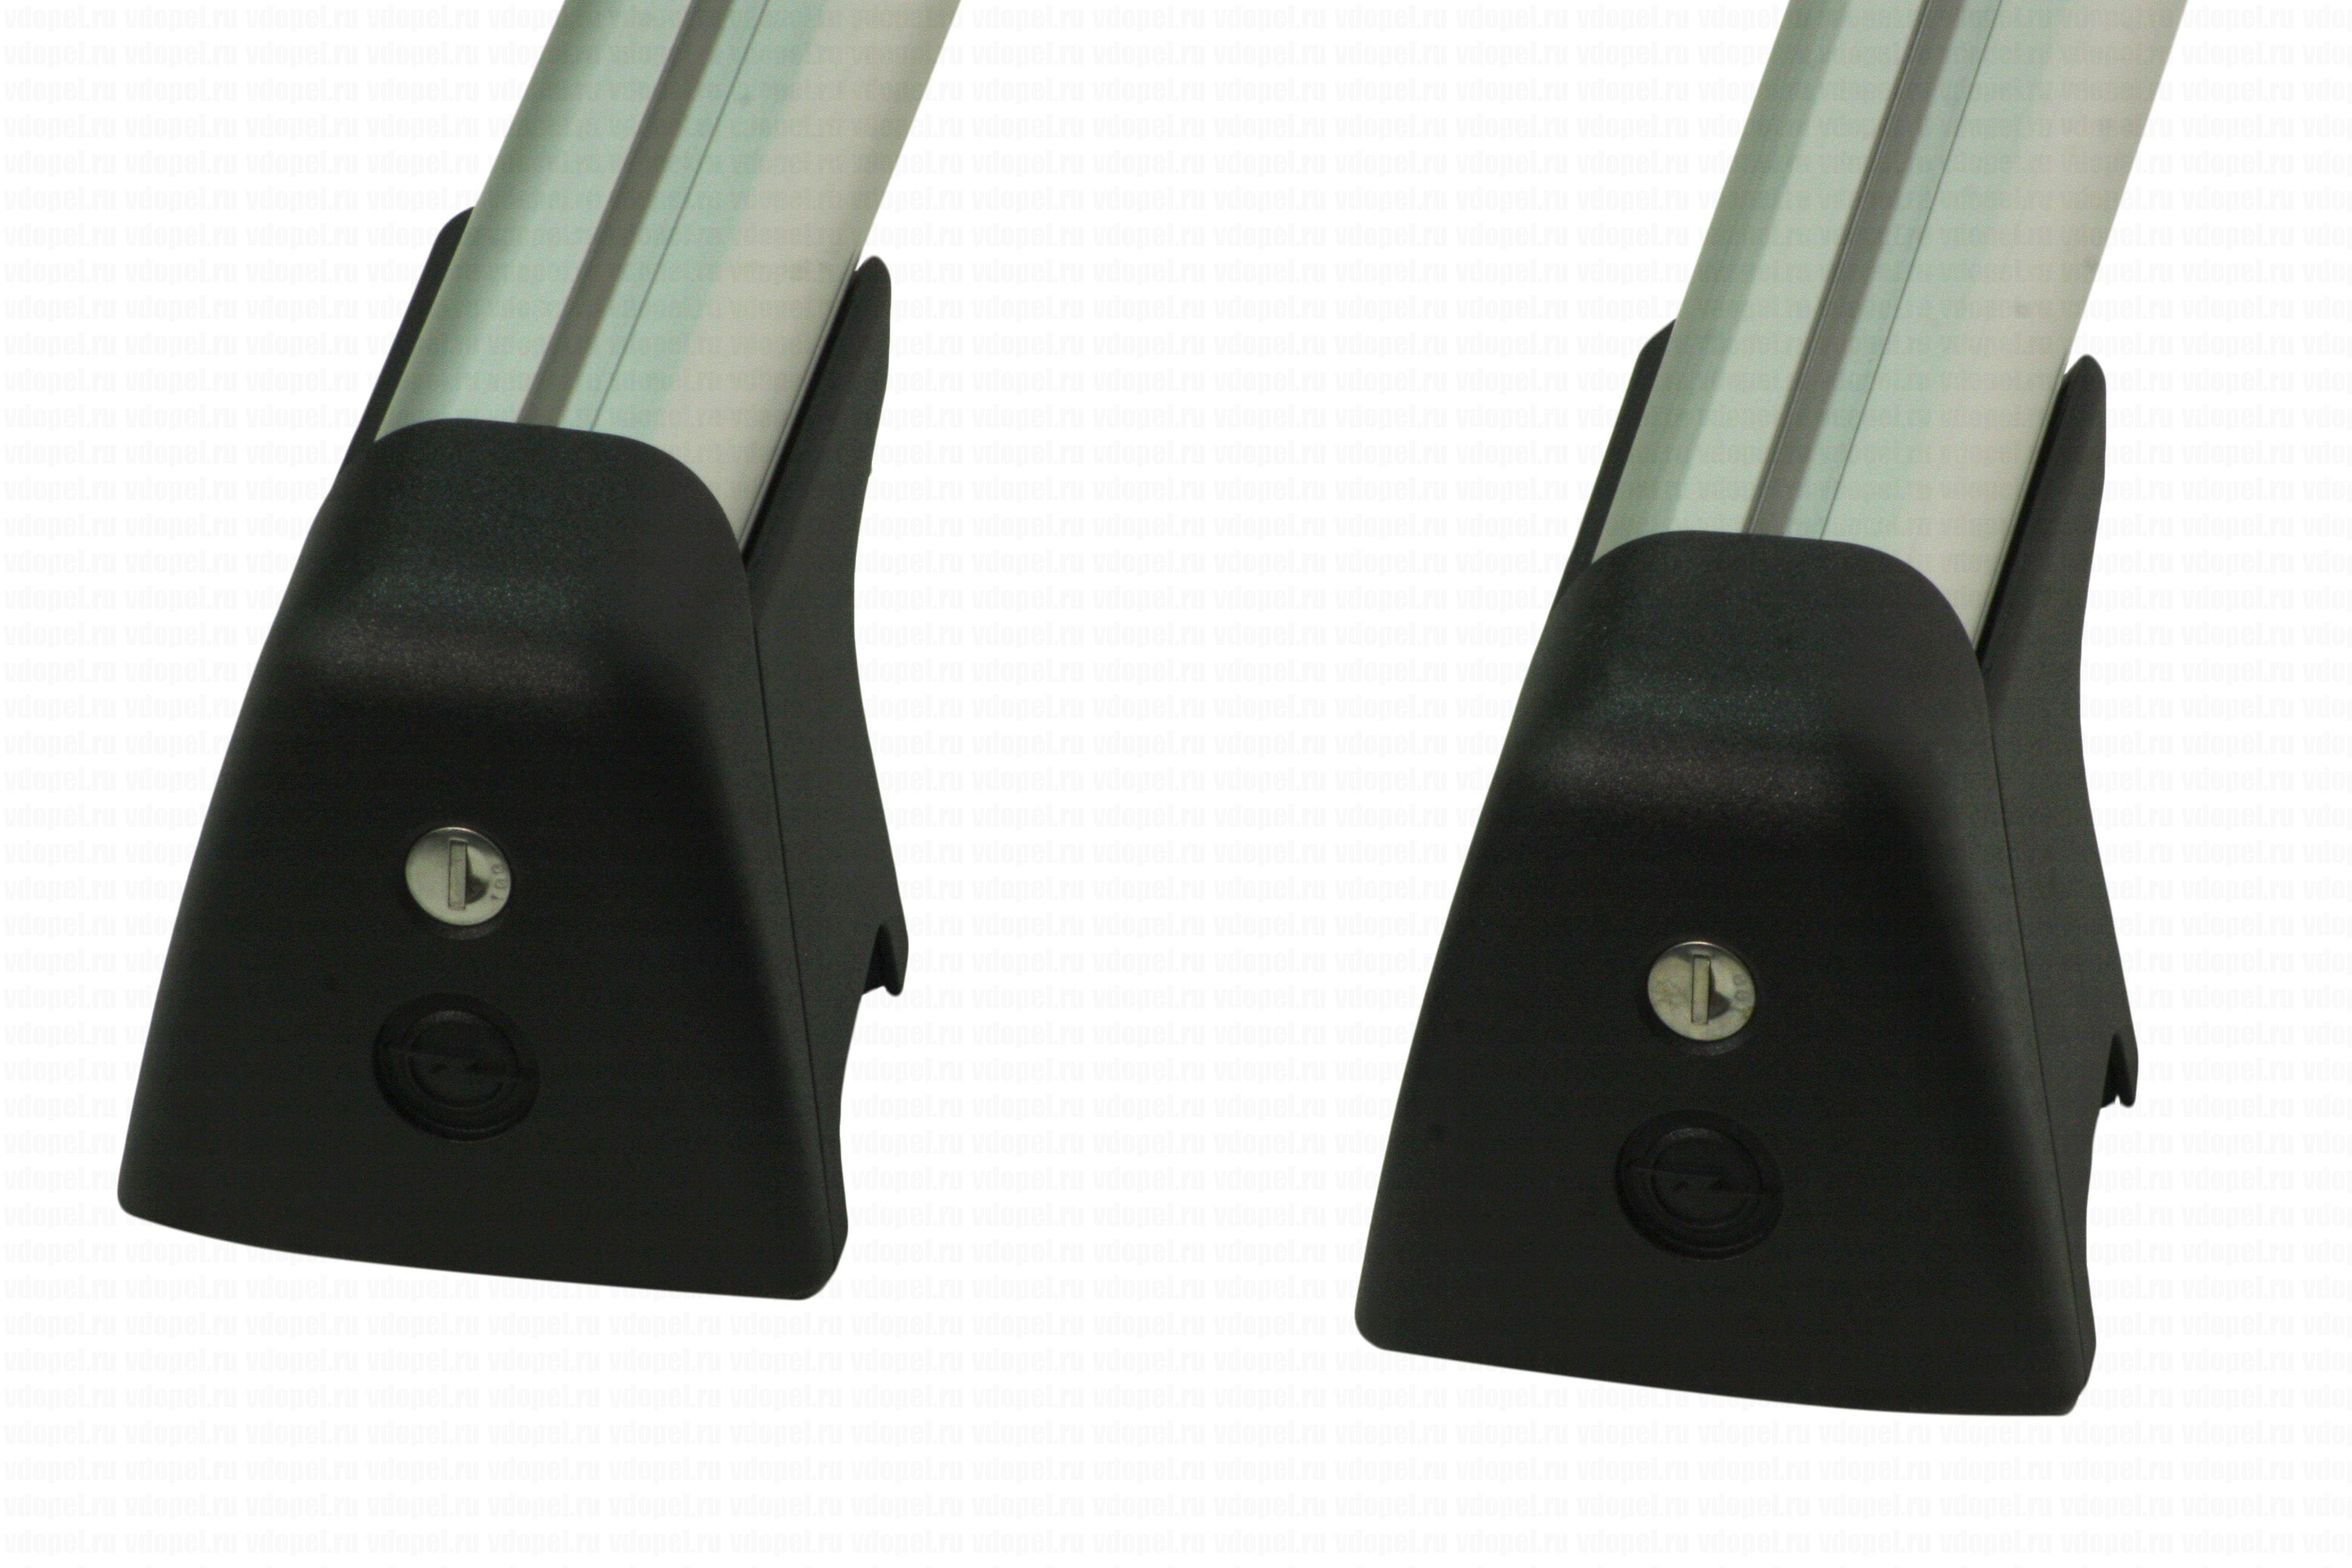 GM 95015257  - Багажник на крышу Мокка. Багажные дуги из алюминиевого сплава. Используется с рейлингами 95387611 И 95387612 (в комплекте отсутствует шестигранный ключ)